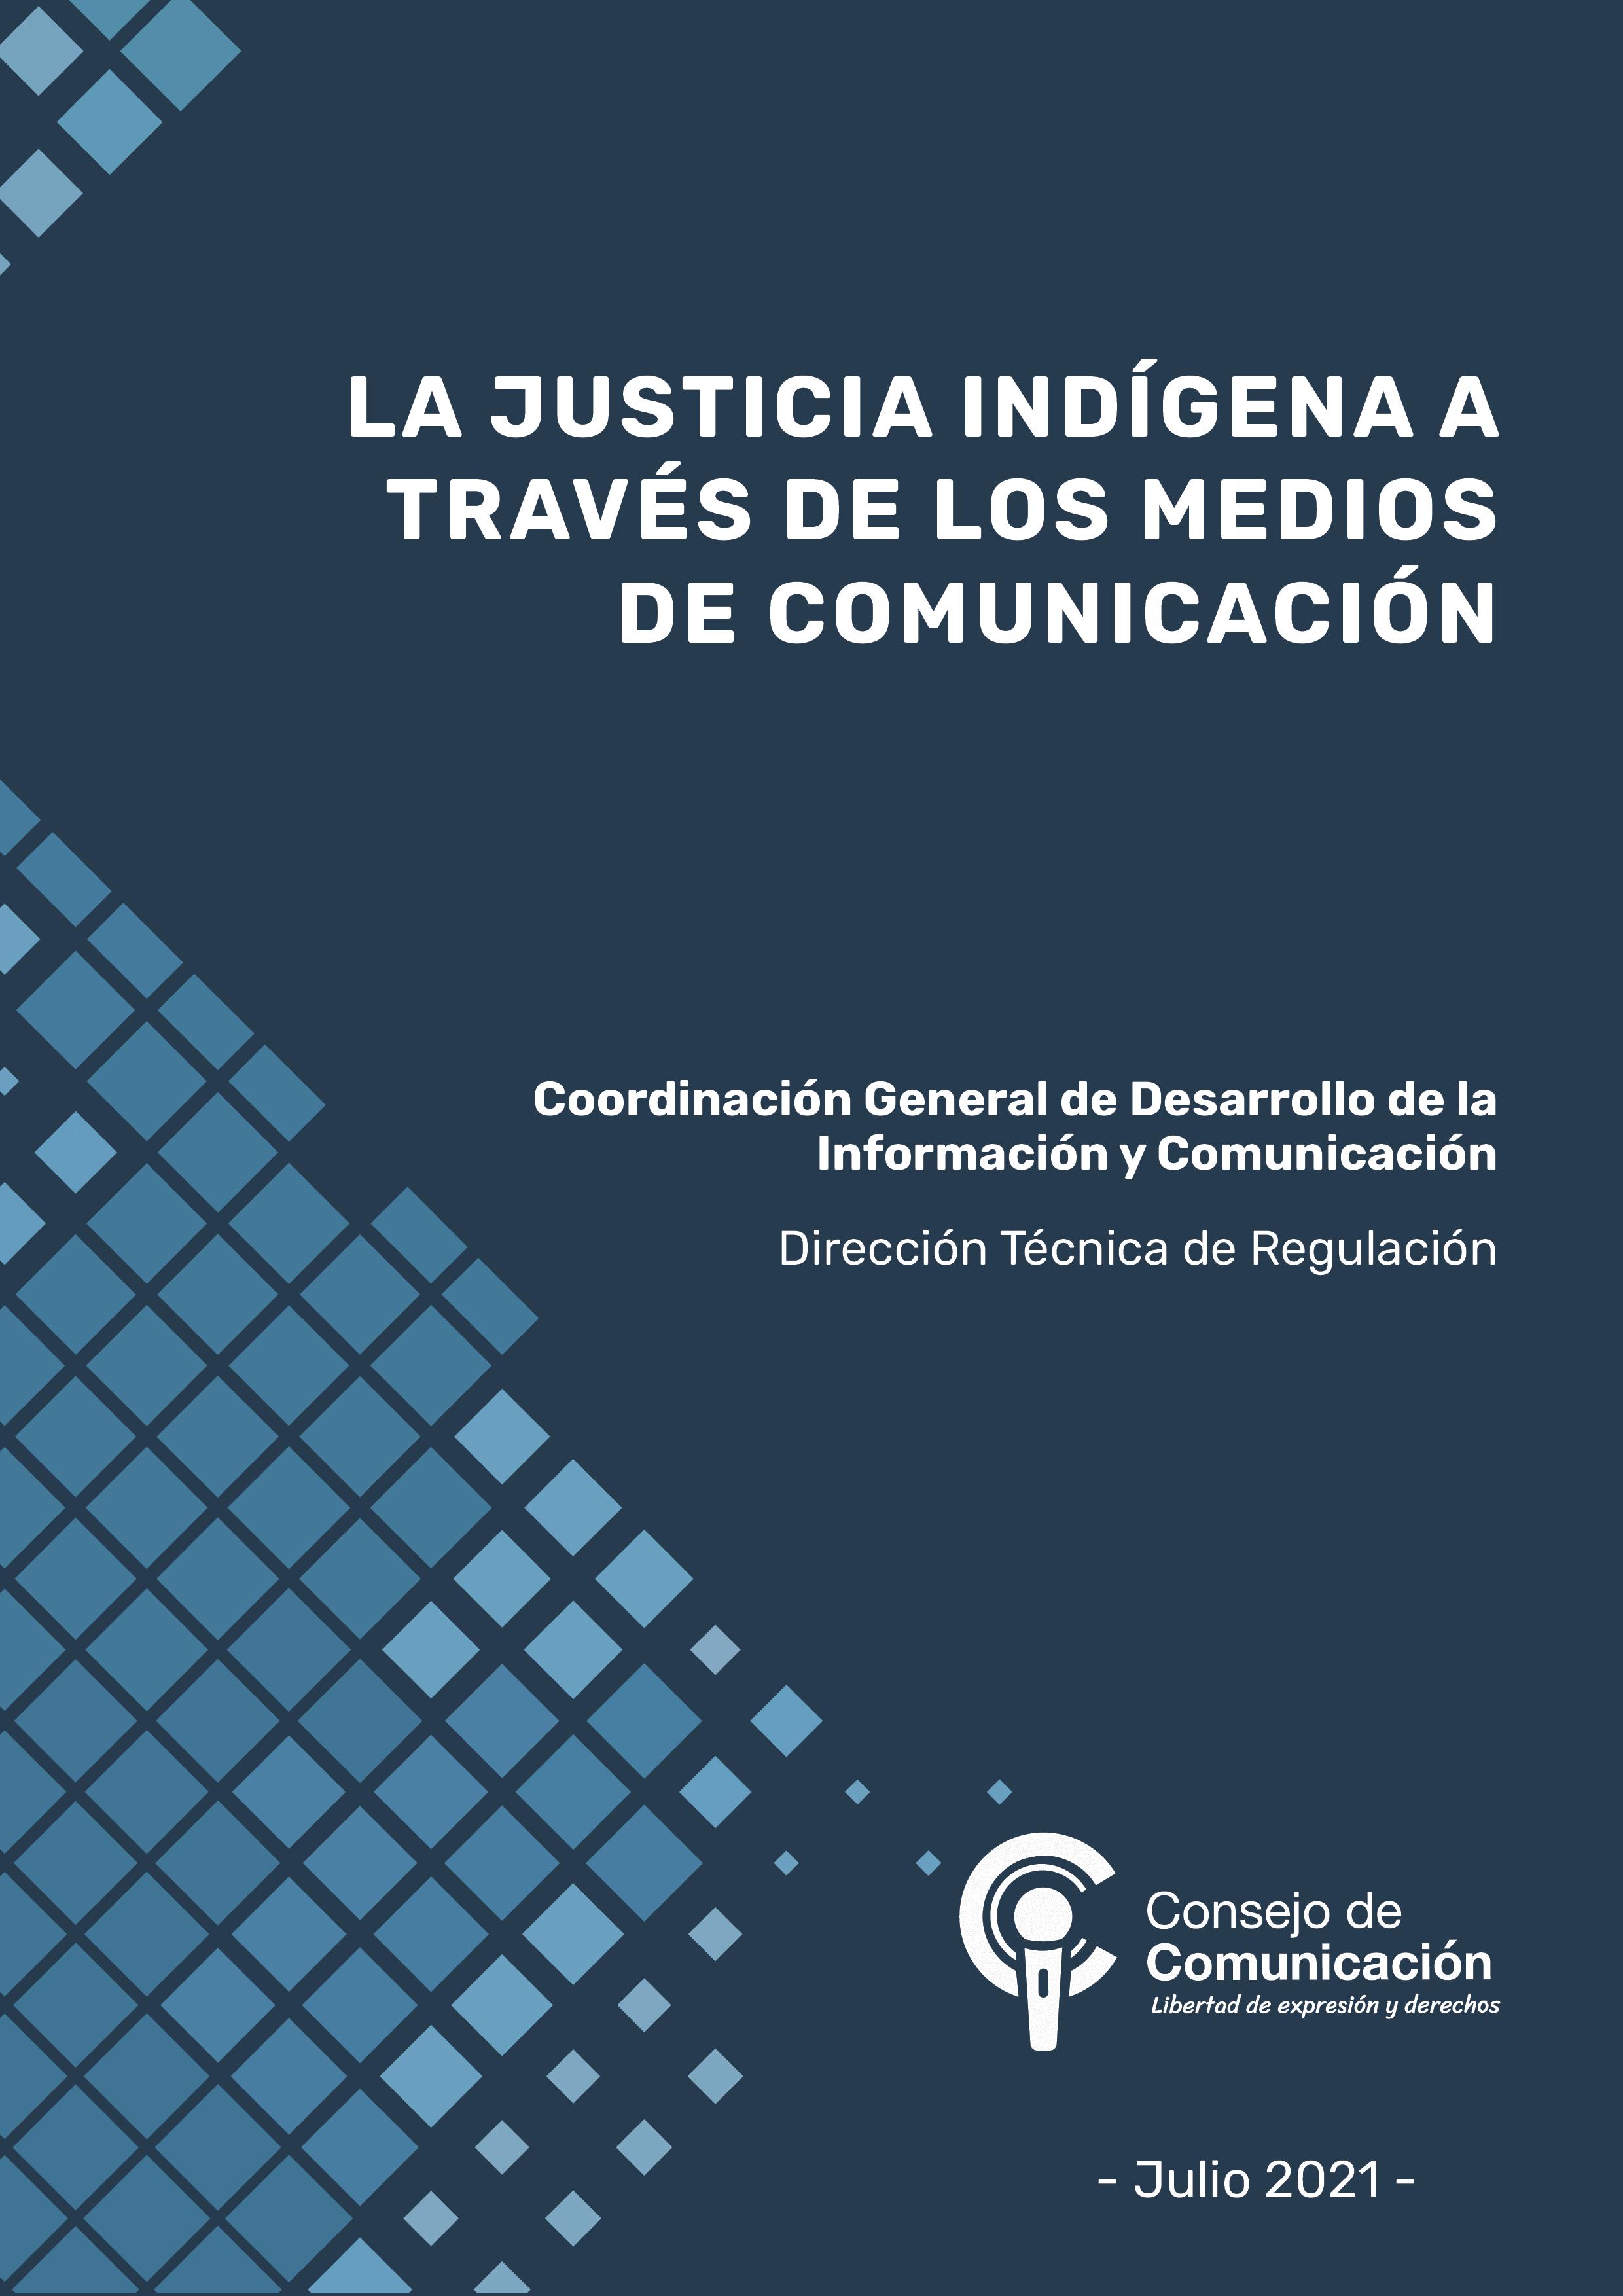 La Justicia Indígena a través de los medios de comunicación